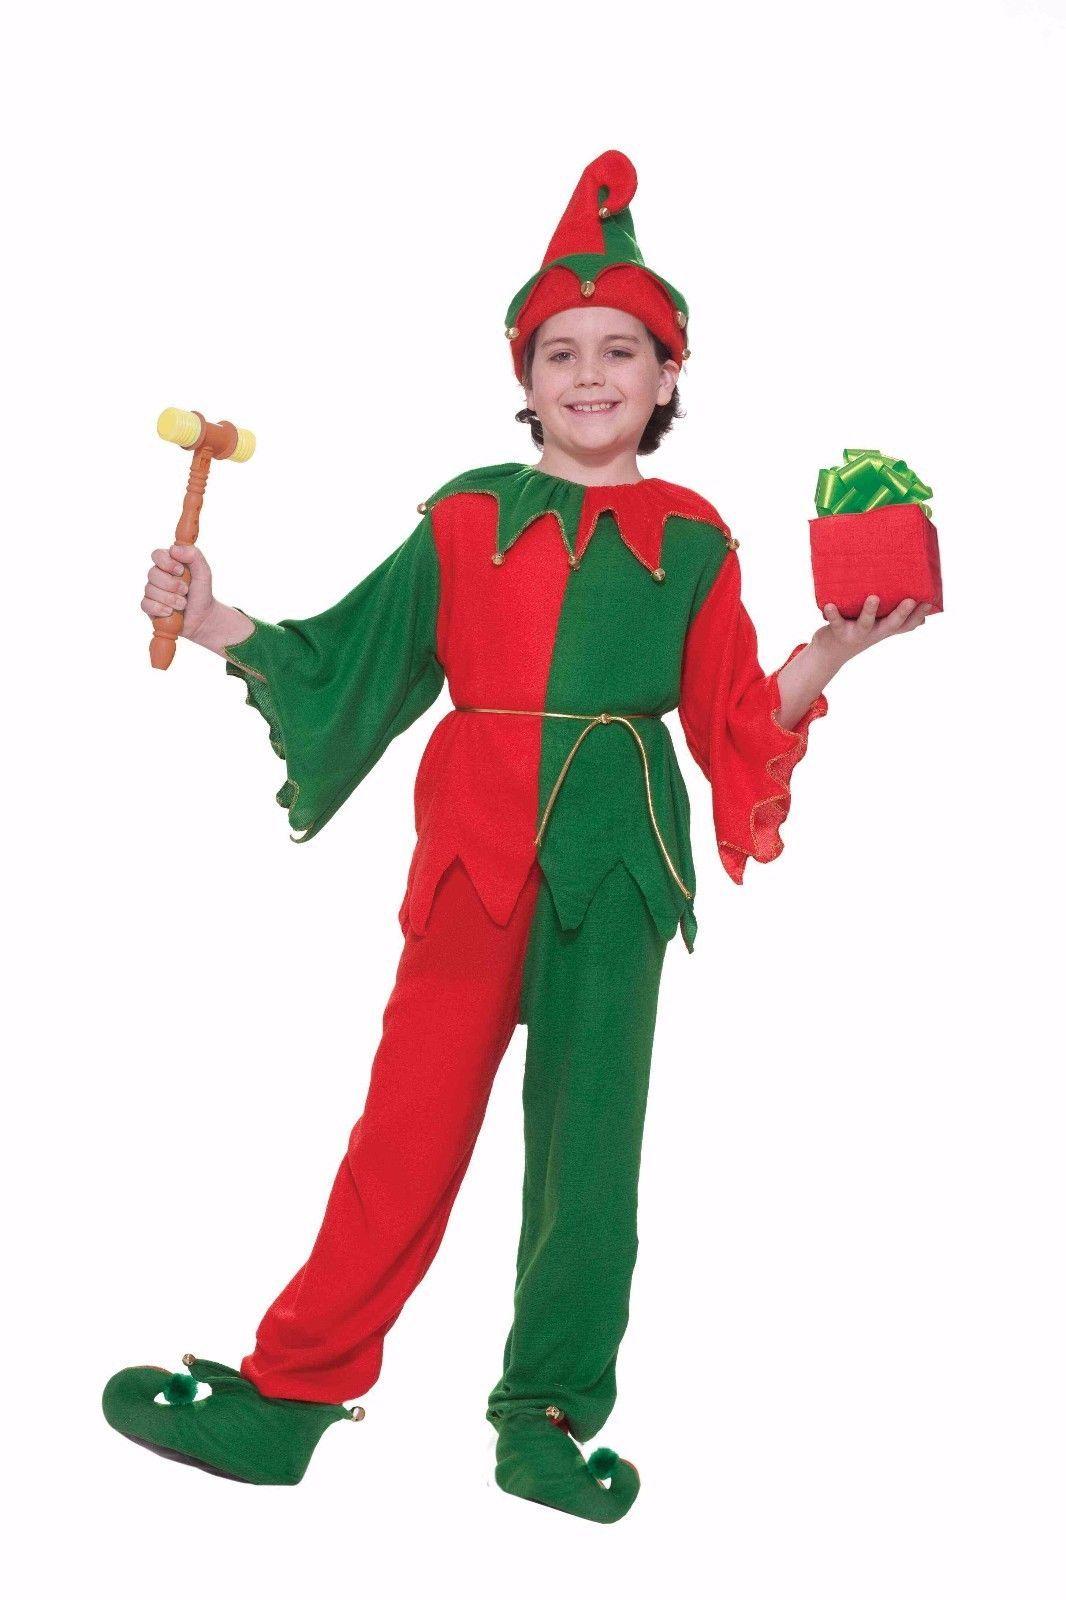 Forum Novità Babbo Natale Elfo Natale Vacanza Costume Bambini 65488